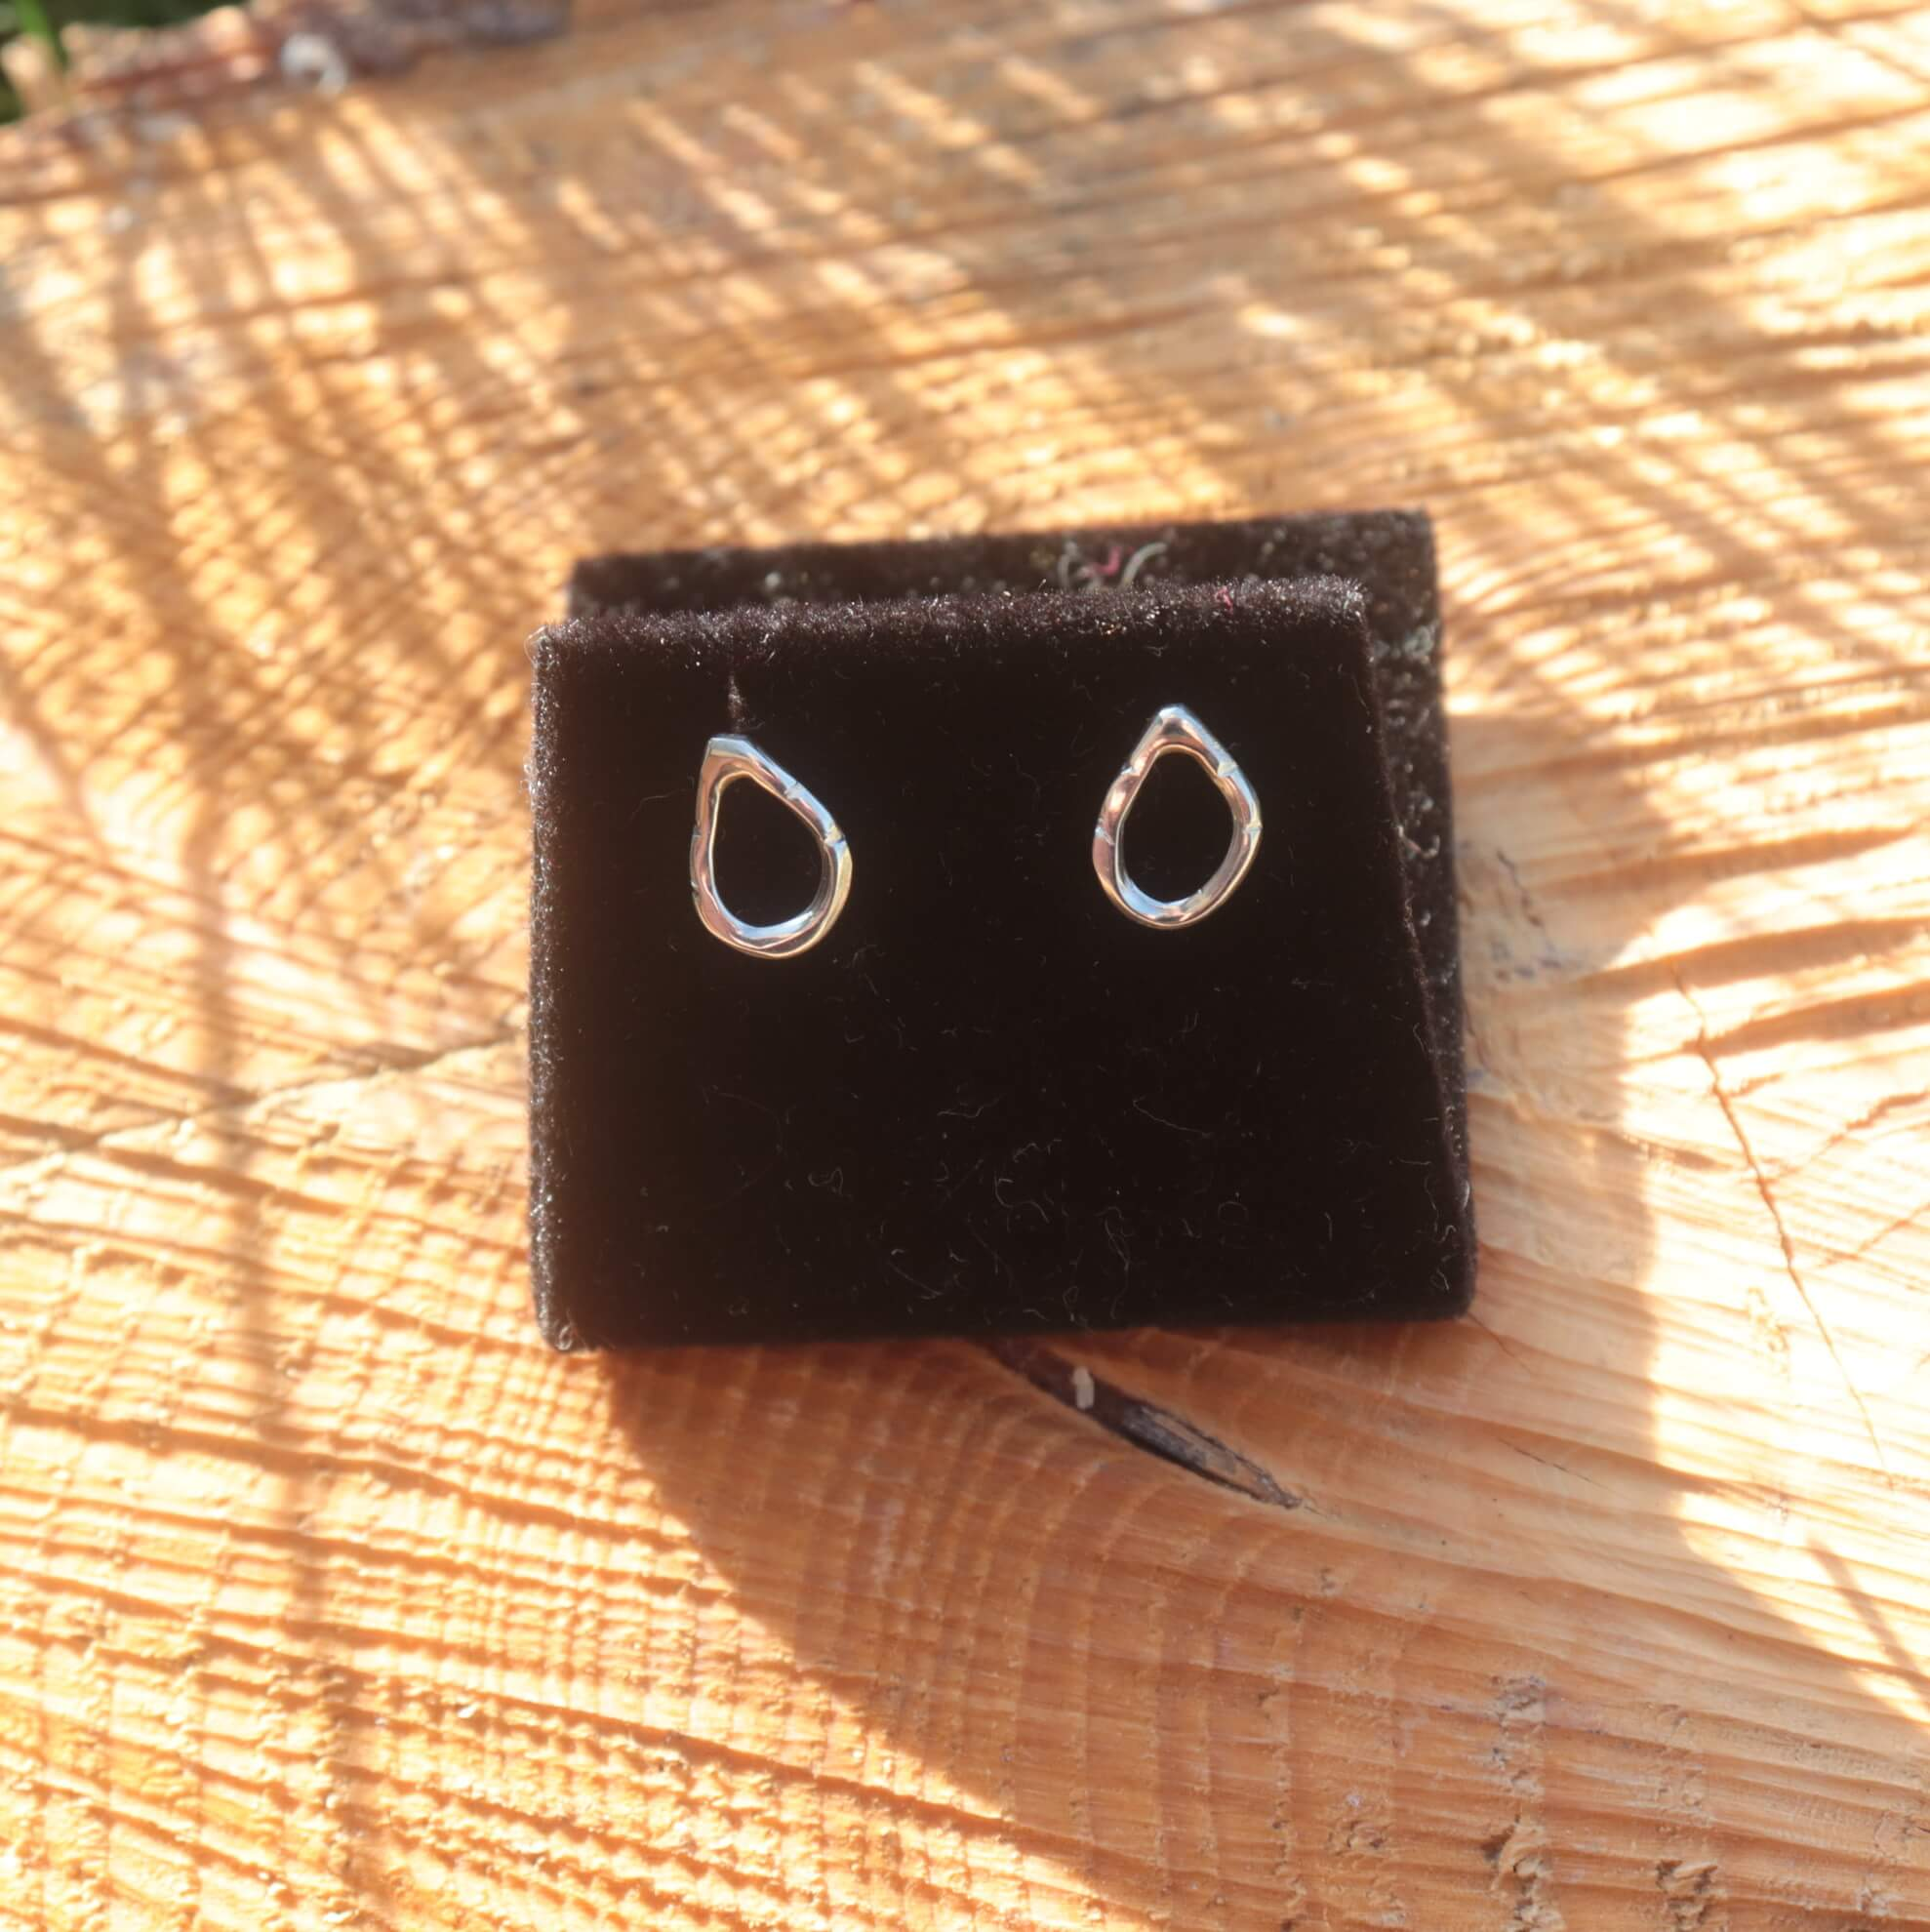 Boucles d'oreilles en argent. La feuille creuse